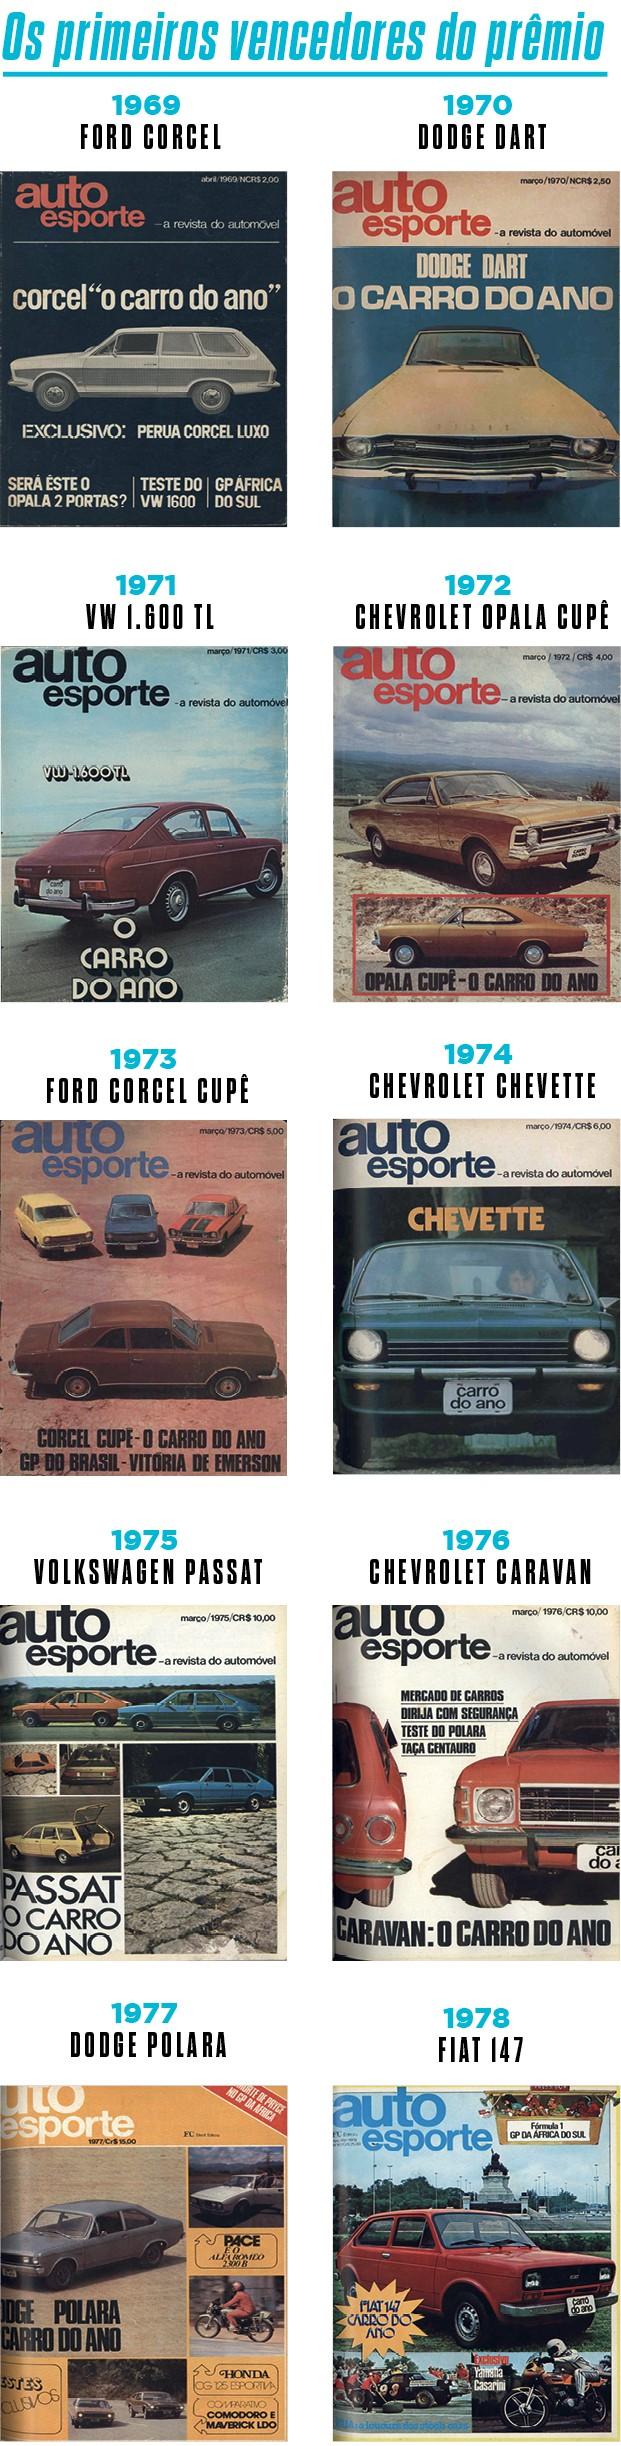 Os primeiros vencedores do prêmio Carro do Ano (Foto: Arquivo Autoesporte)